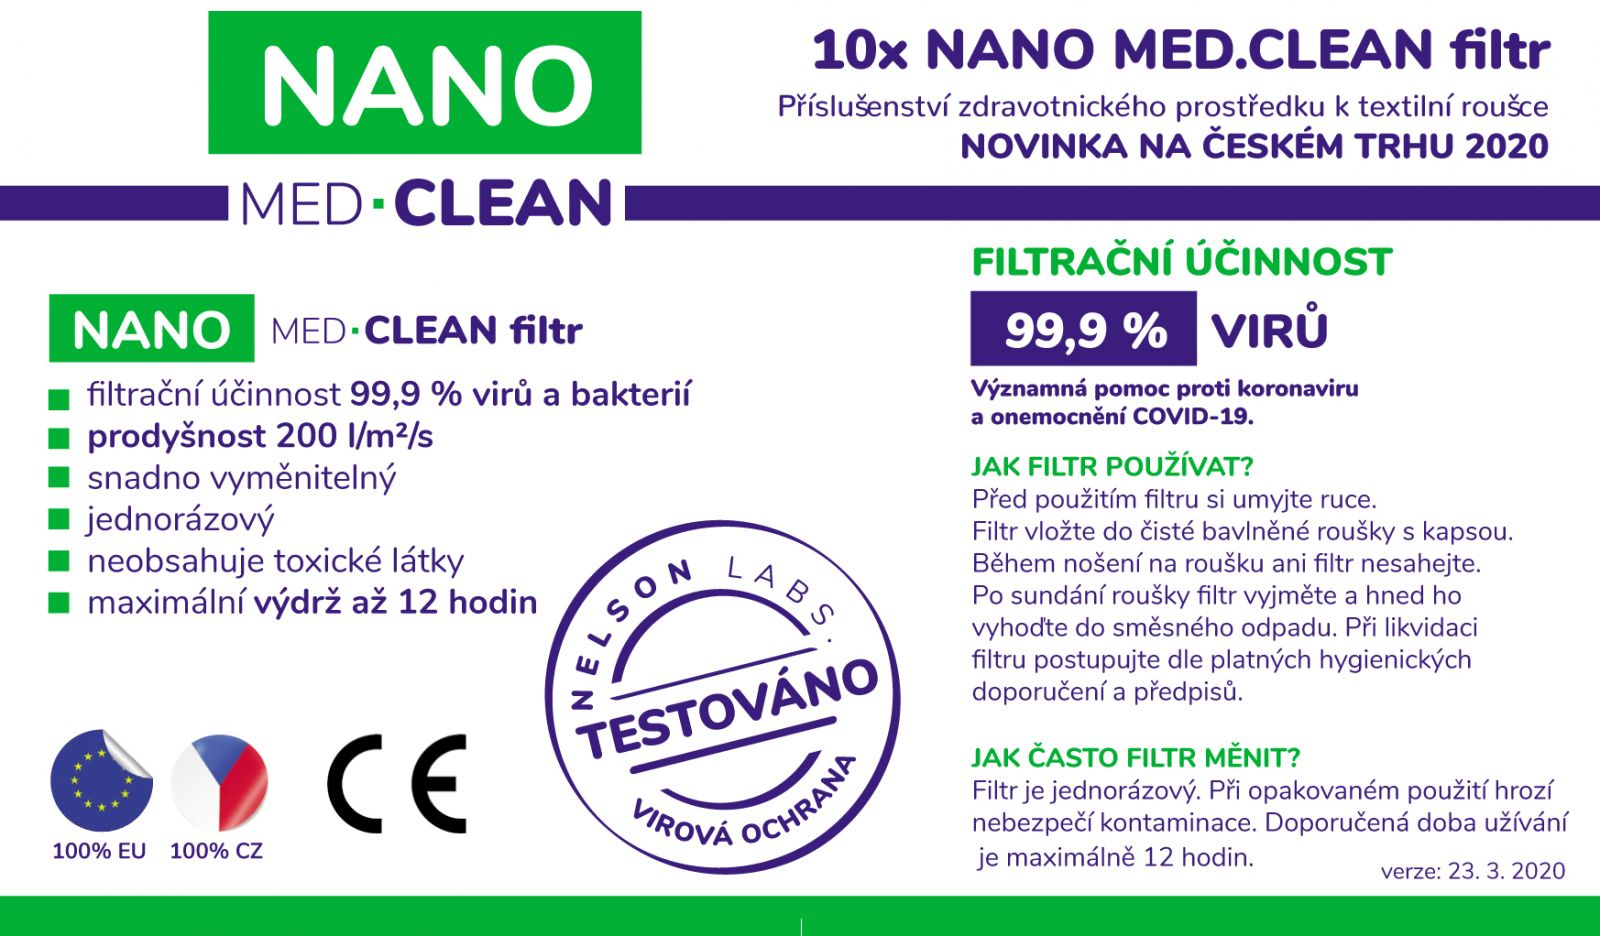 Tazz-Sport - Nano Medical 10x NANO MED.CLEAN filtr Triola